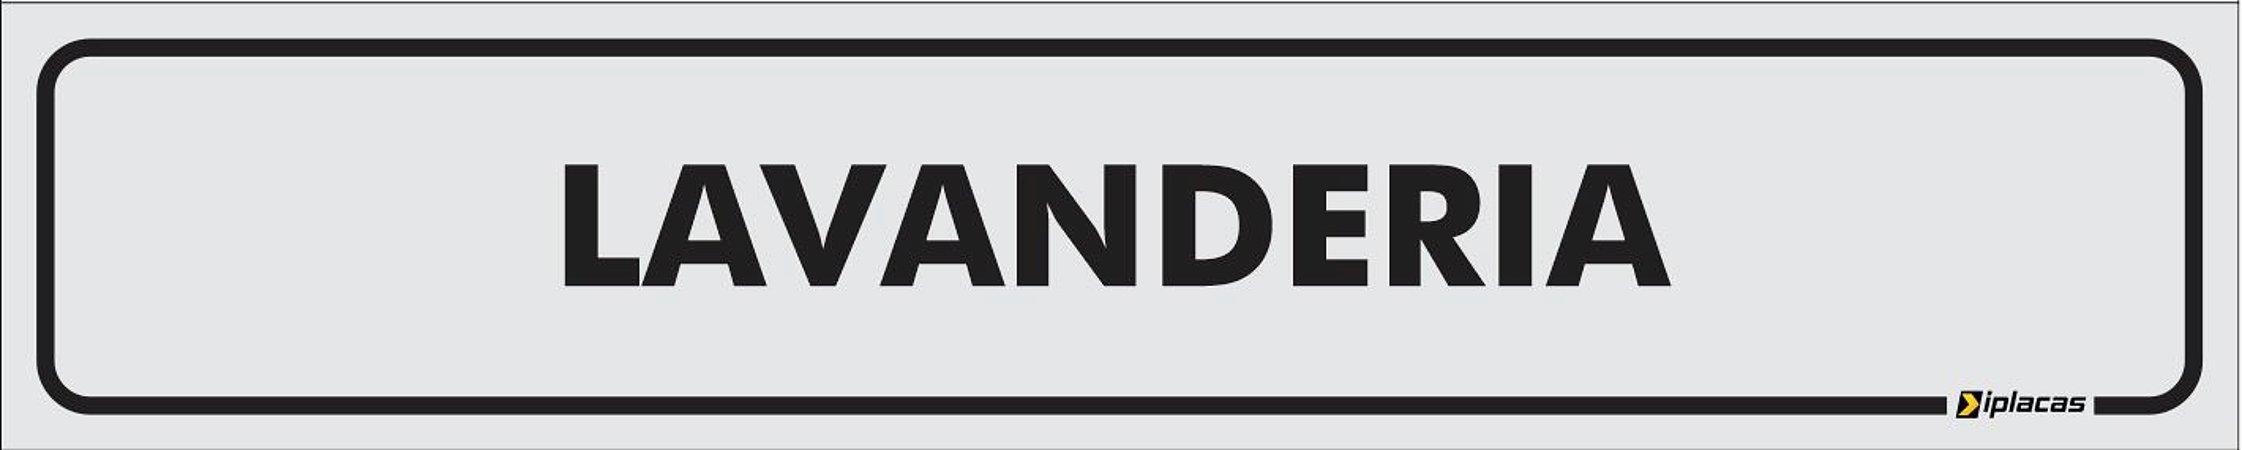 Placa - Identificação - Lavanderia - 25x5cm